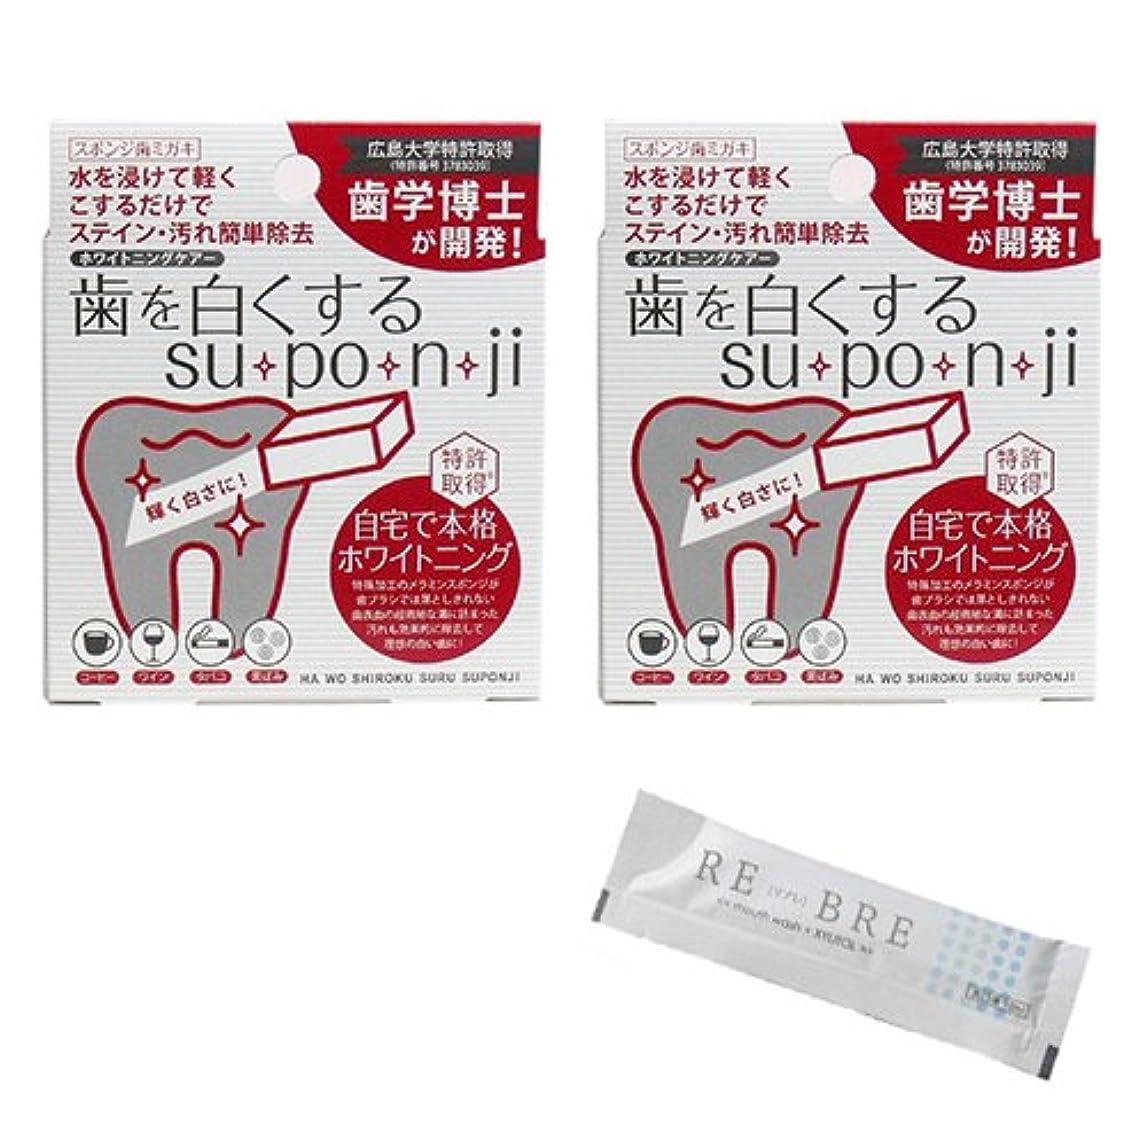 ライン秘書リス歯を白くする su?po?n?ji スポンジ 歯みがき ×2個 + リブレ(10ml)セット